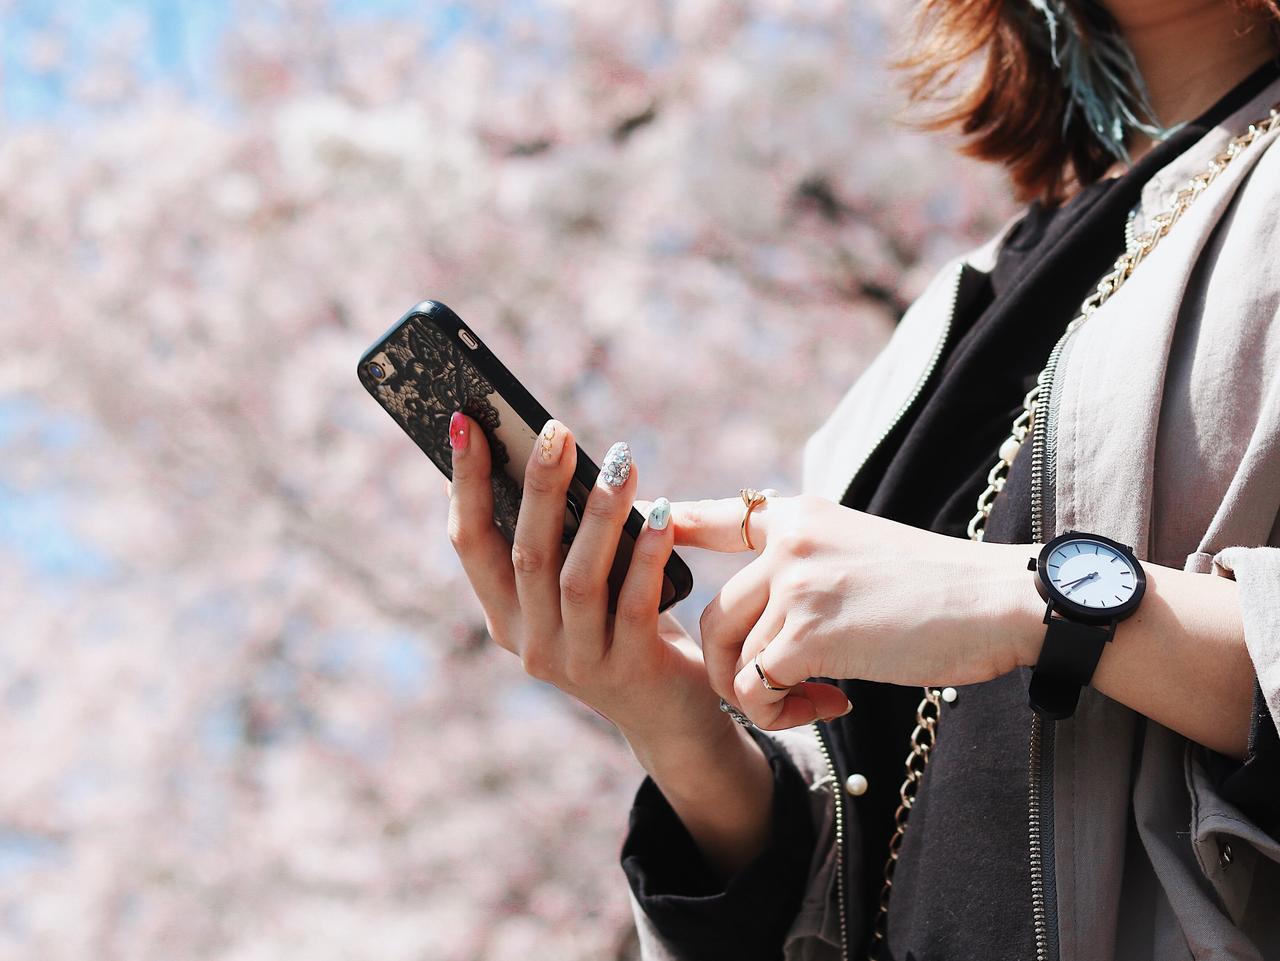 画像: 季節によって、場所によって、気分によって腕時計は着替えたい 大量生産品には真似ができない、全てが自分だけにコーディネートされた腕時計